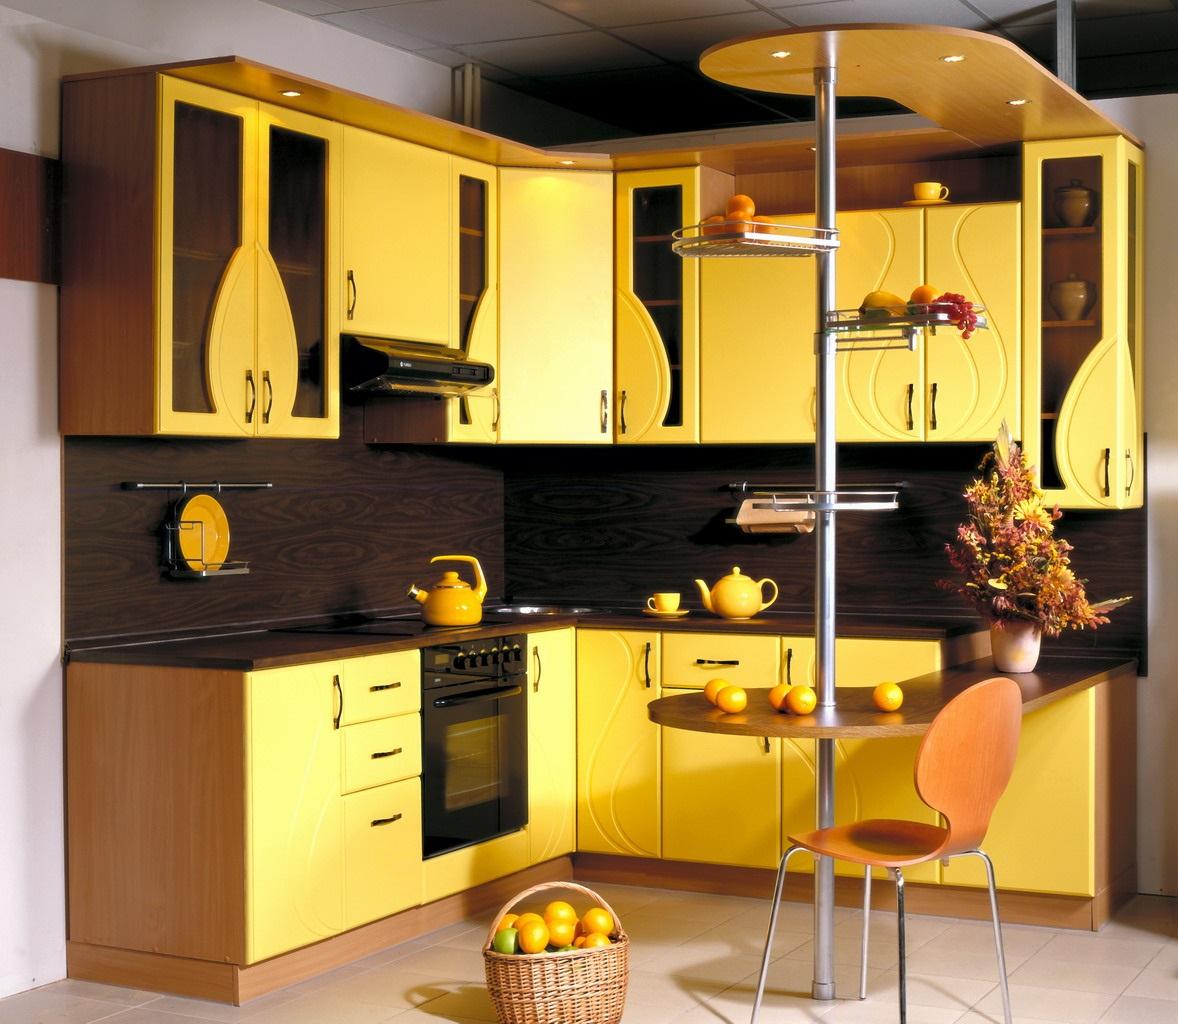 начале кухня желтая с подсолнухами фото нас обычная